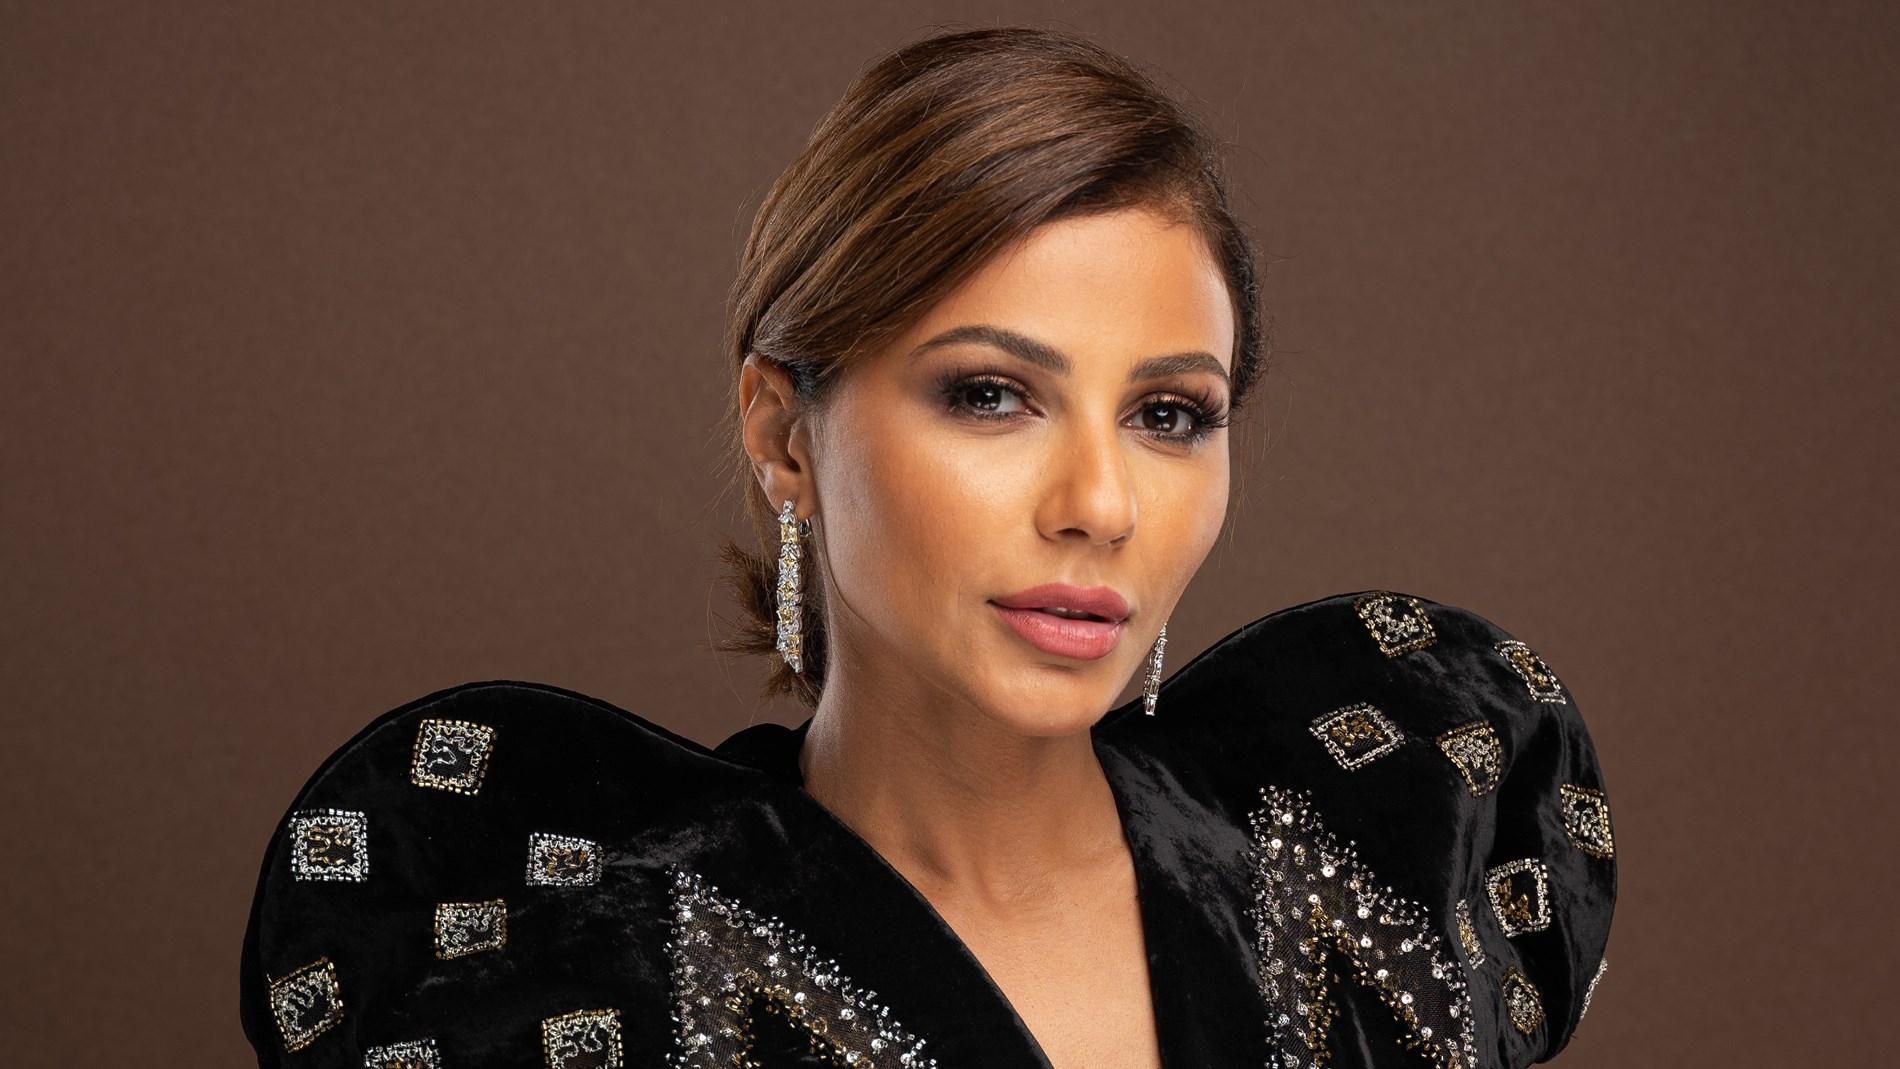 مهيرة عبد العزيز ترقص وتشوِّق جمهورها لجلسة تصوير في بيروت